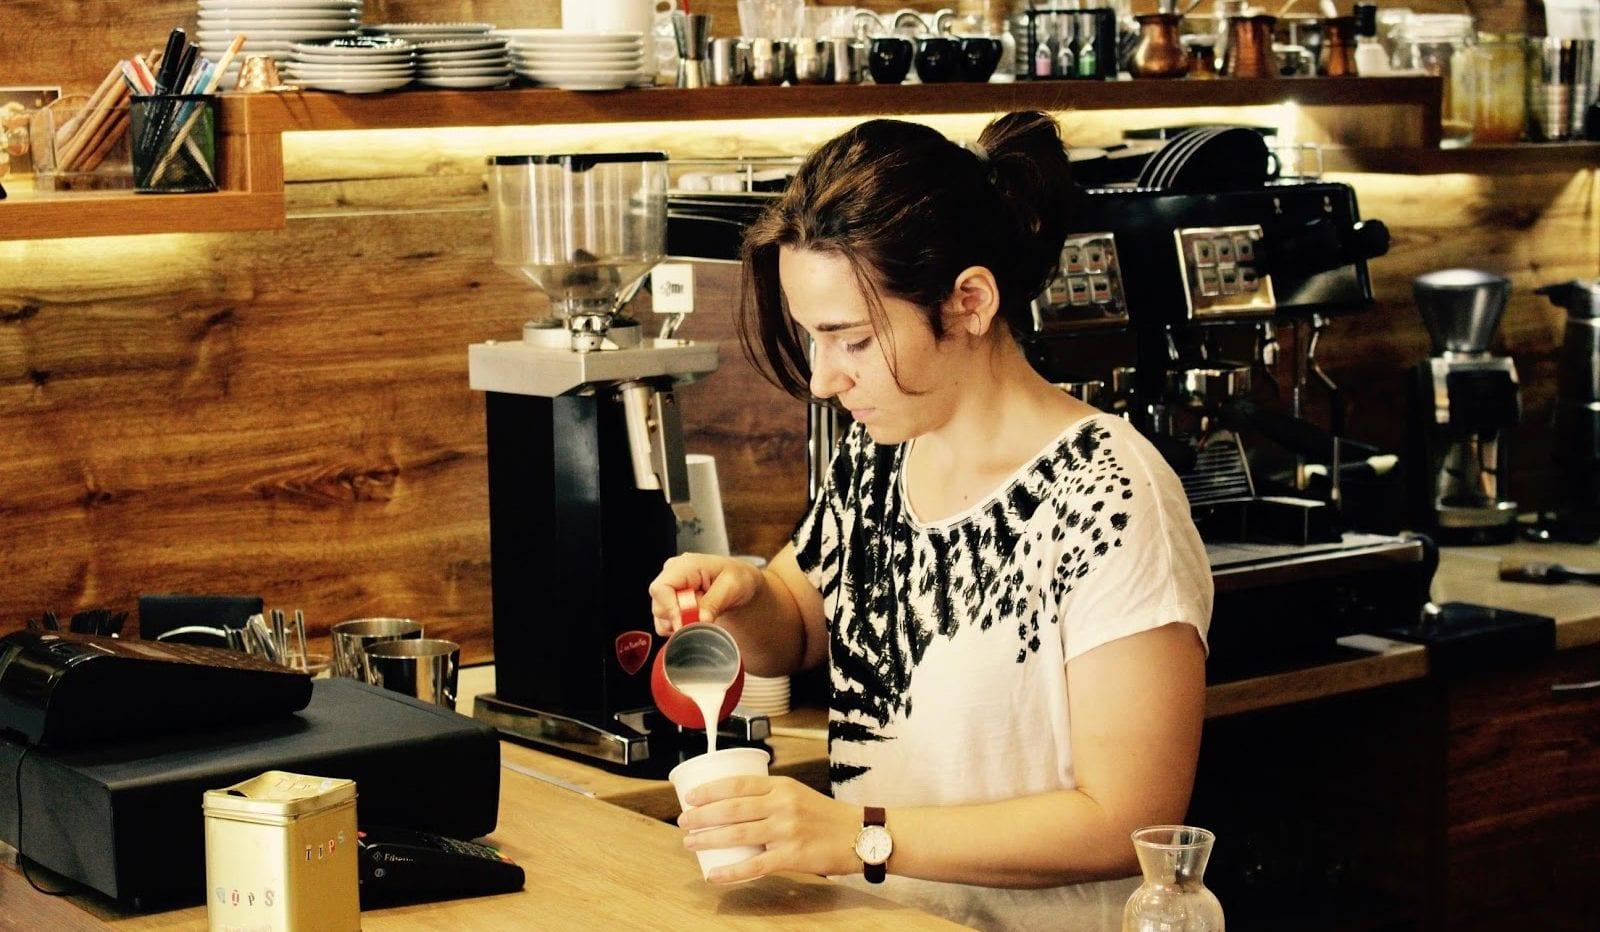 Barista vertiendo leche en una taza de cafe